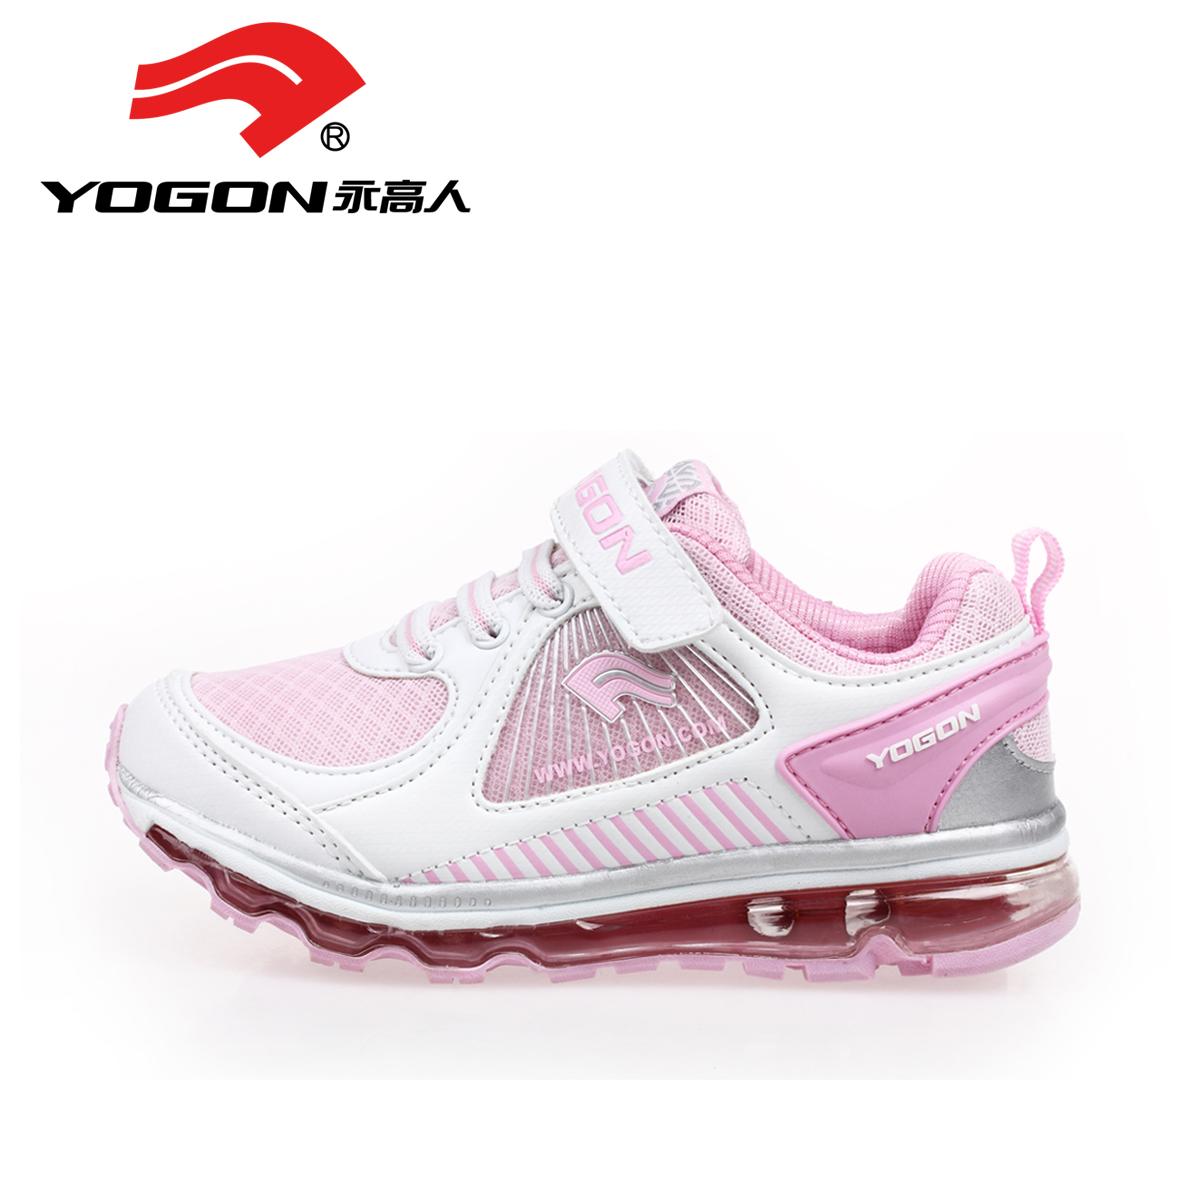 детские кроссовки Expert qzb627352 Унисекс Весна-осень Ультра-тонкая синтетическая кожа Мокасины, прогулочная обувь